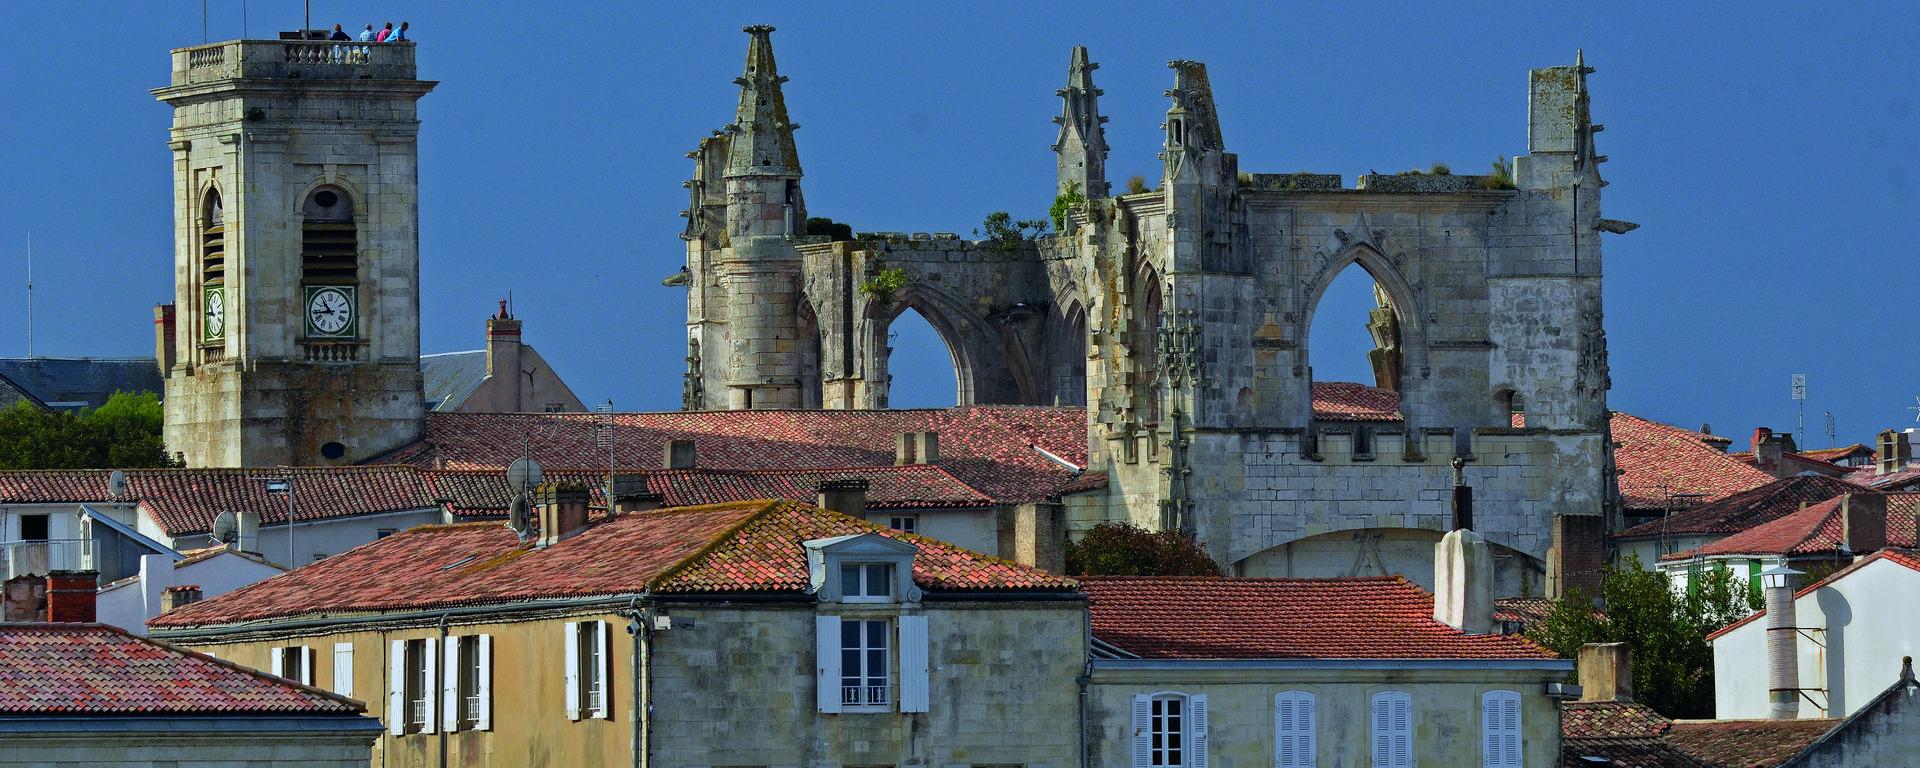 L'église de Saint-Martin de Ré